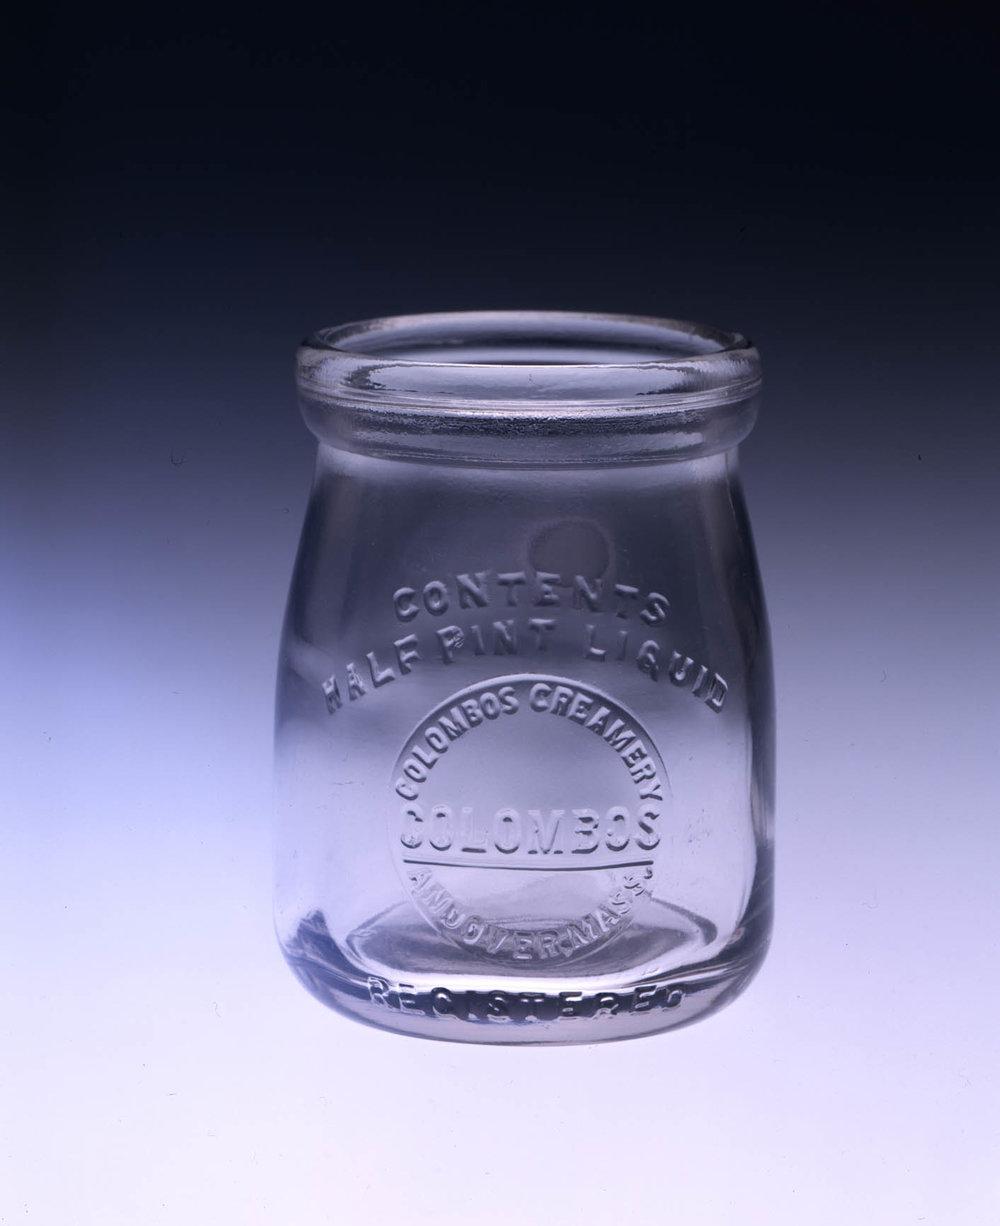 Баночка йогурта Коломбо в восемь унций.Оригинальная баночка молочного магазина Коломбо и Сыновья, которая была подарена Массачусетскому Историческому Обществу семьей Коломбосян летом 2004 года